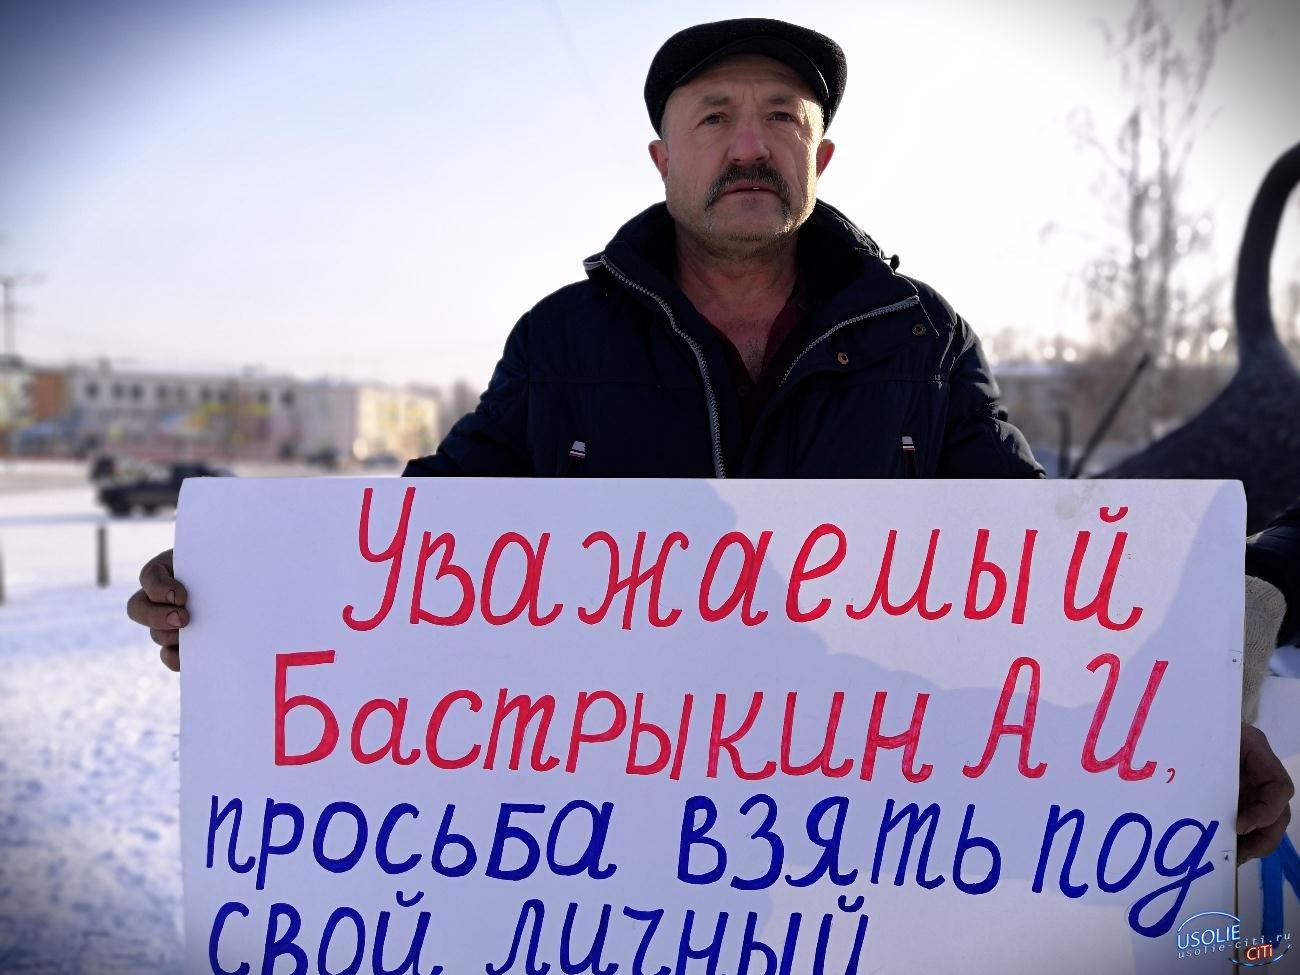 Свободу Владиславу Марусову!!!